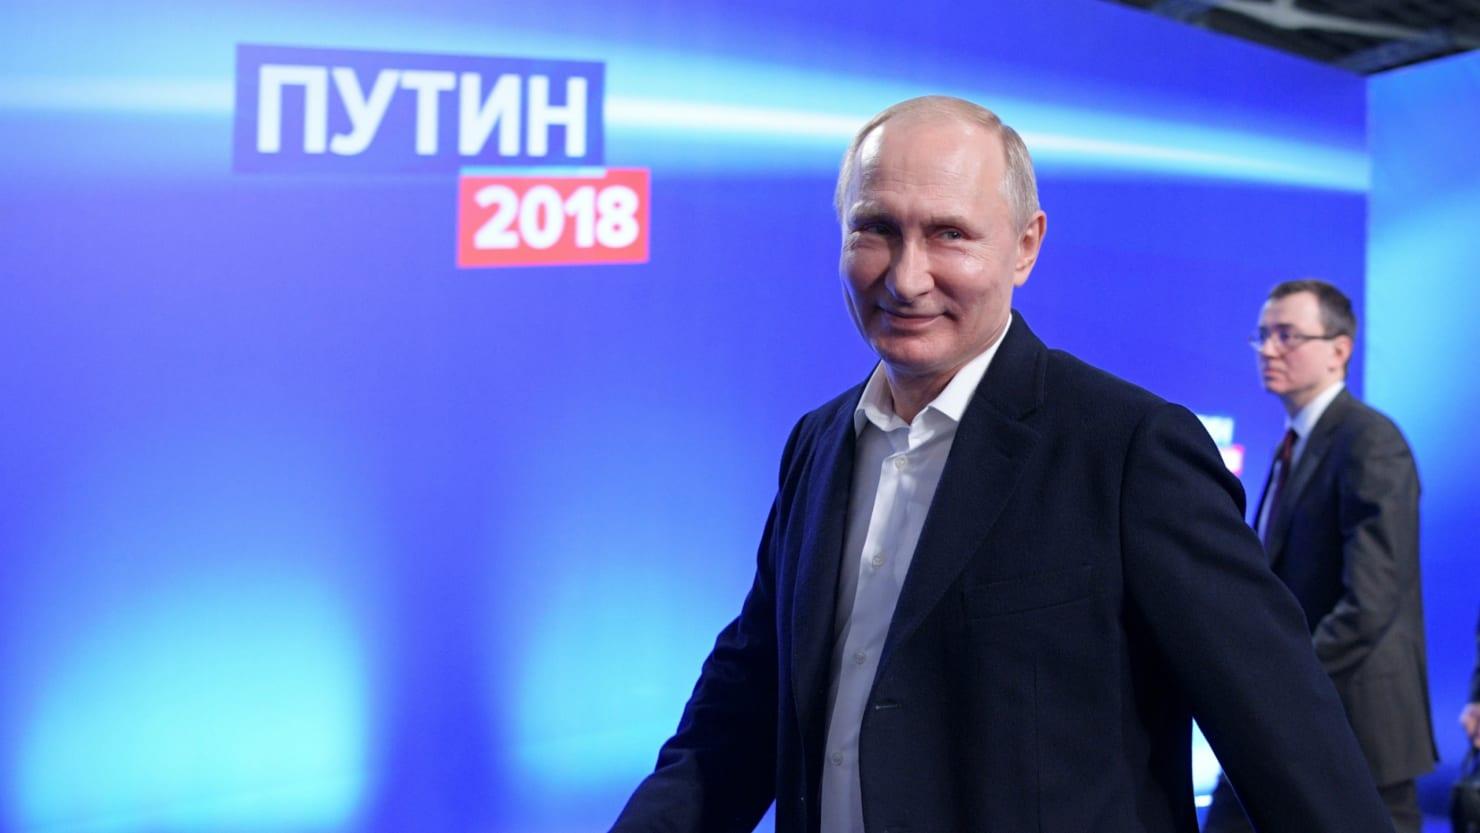 Владимир Путин ОХУ-ын Ерөнхийлөгчөөр улиран сонгогдлоо